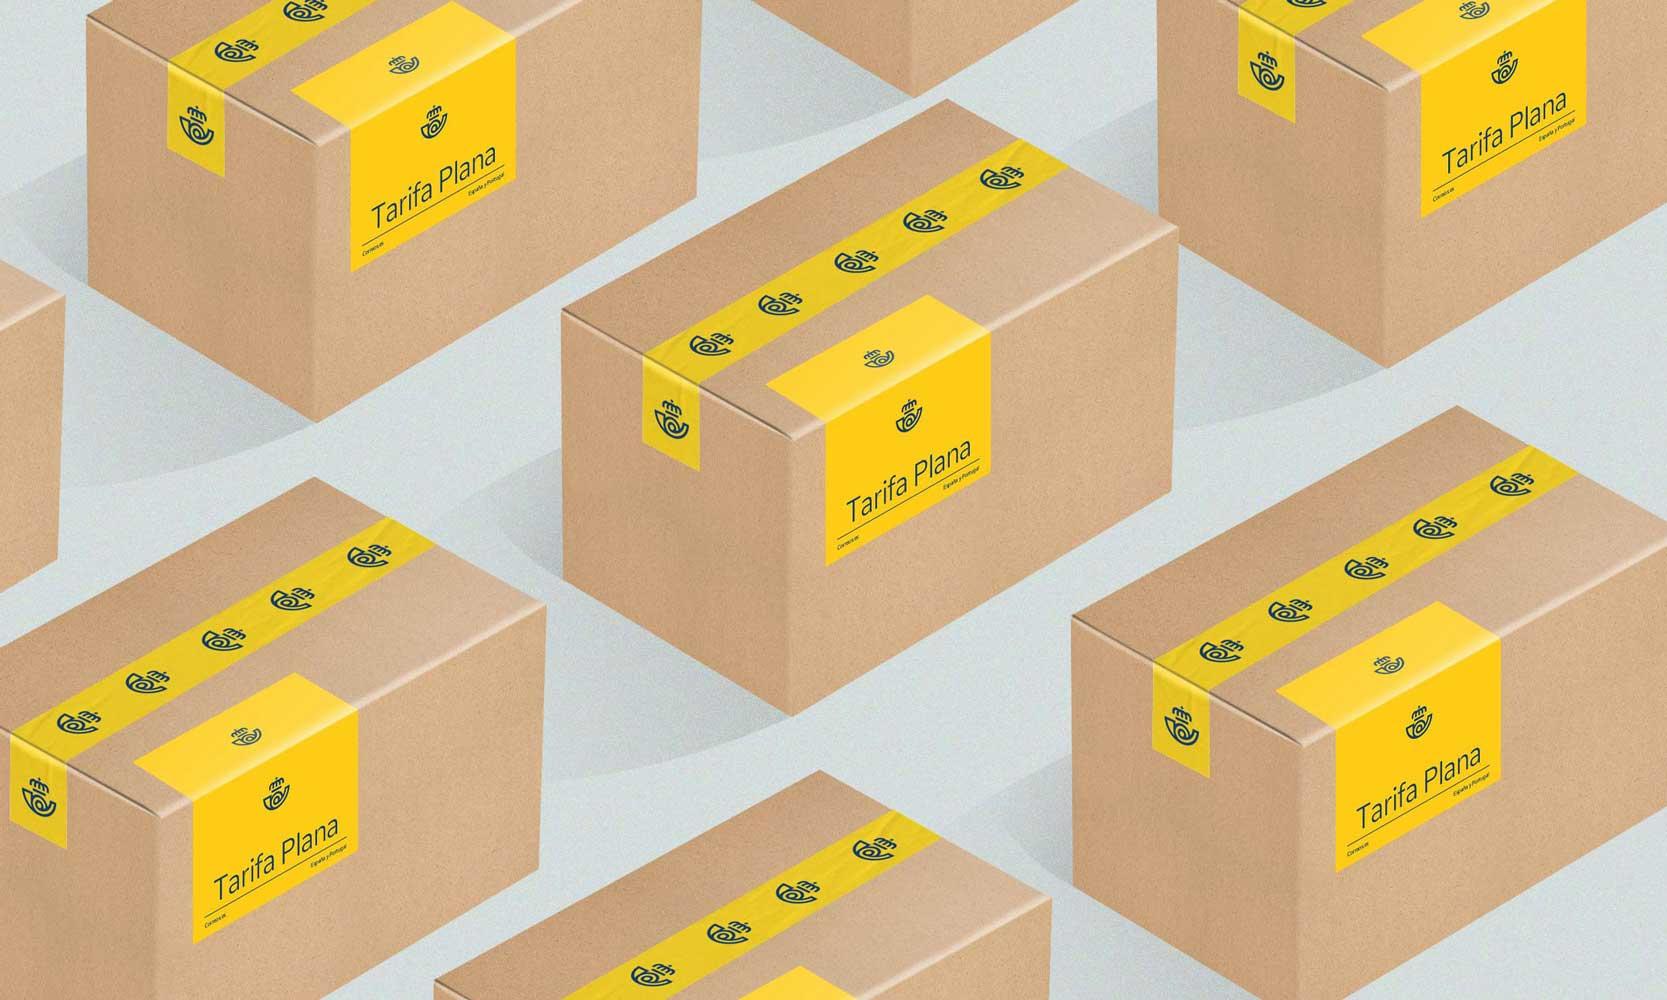 La etiqueta de Correos en cajas